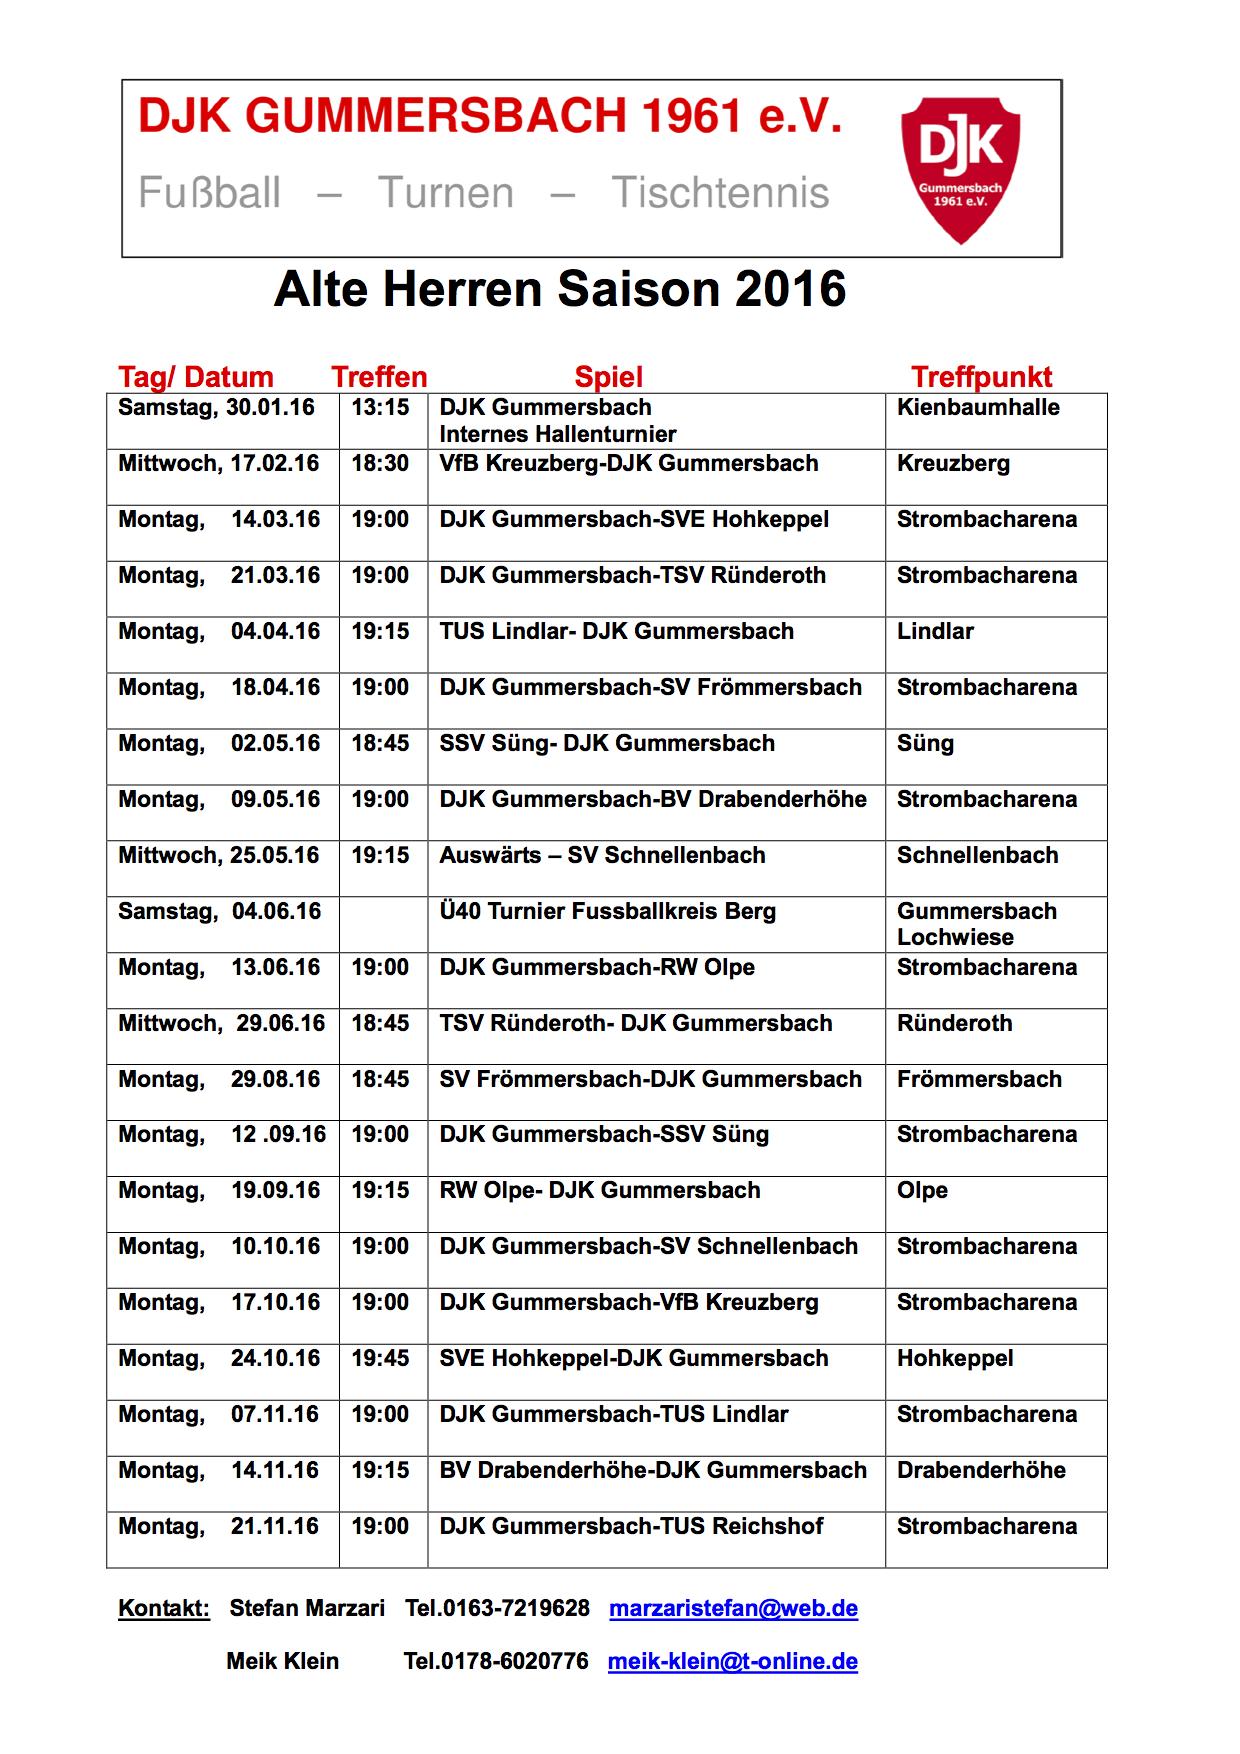 Alte Herren Spielplan 2016